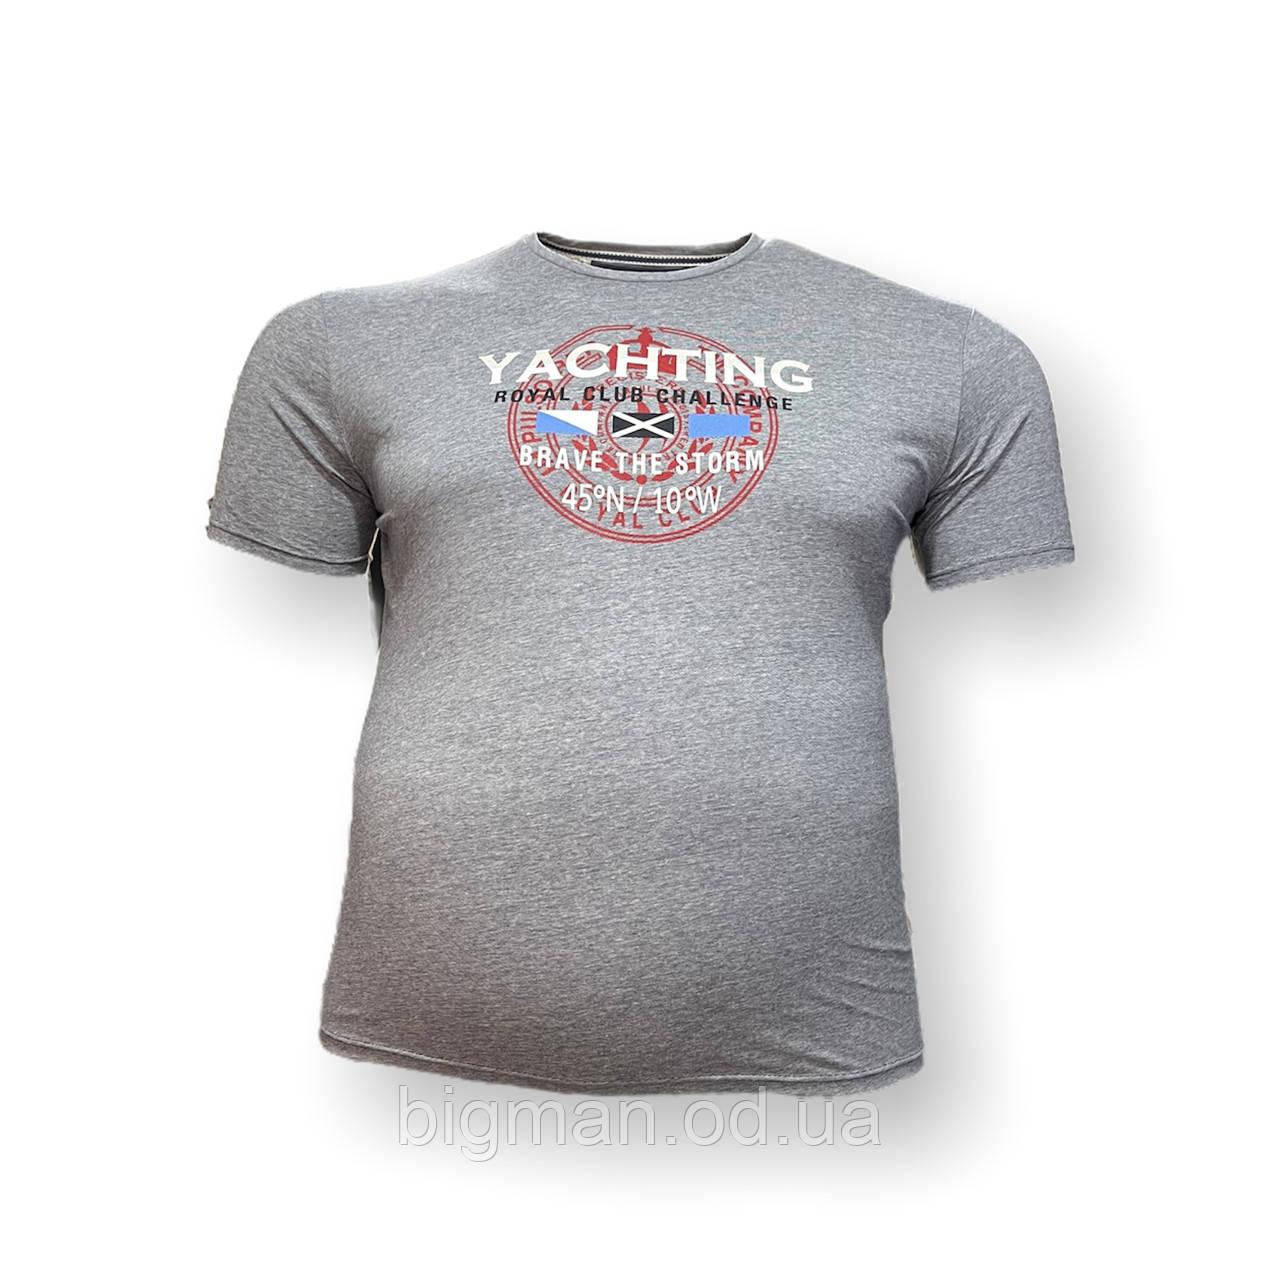 Чоловіча батальна футболка Monte Carlo 12095 3XL 4XL 5XL 6XL 7XL світло-сірий великі розміри Туреччина